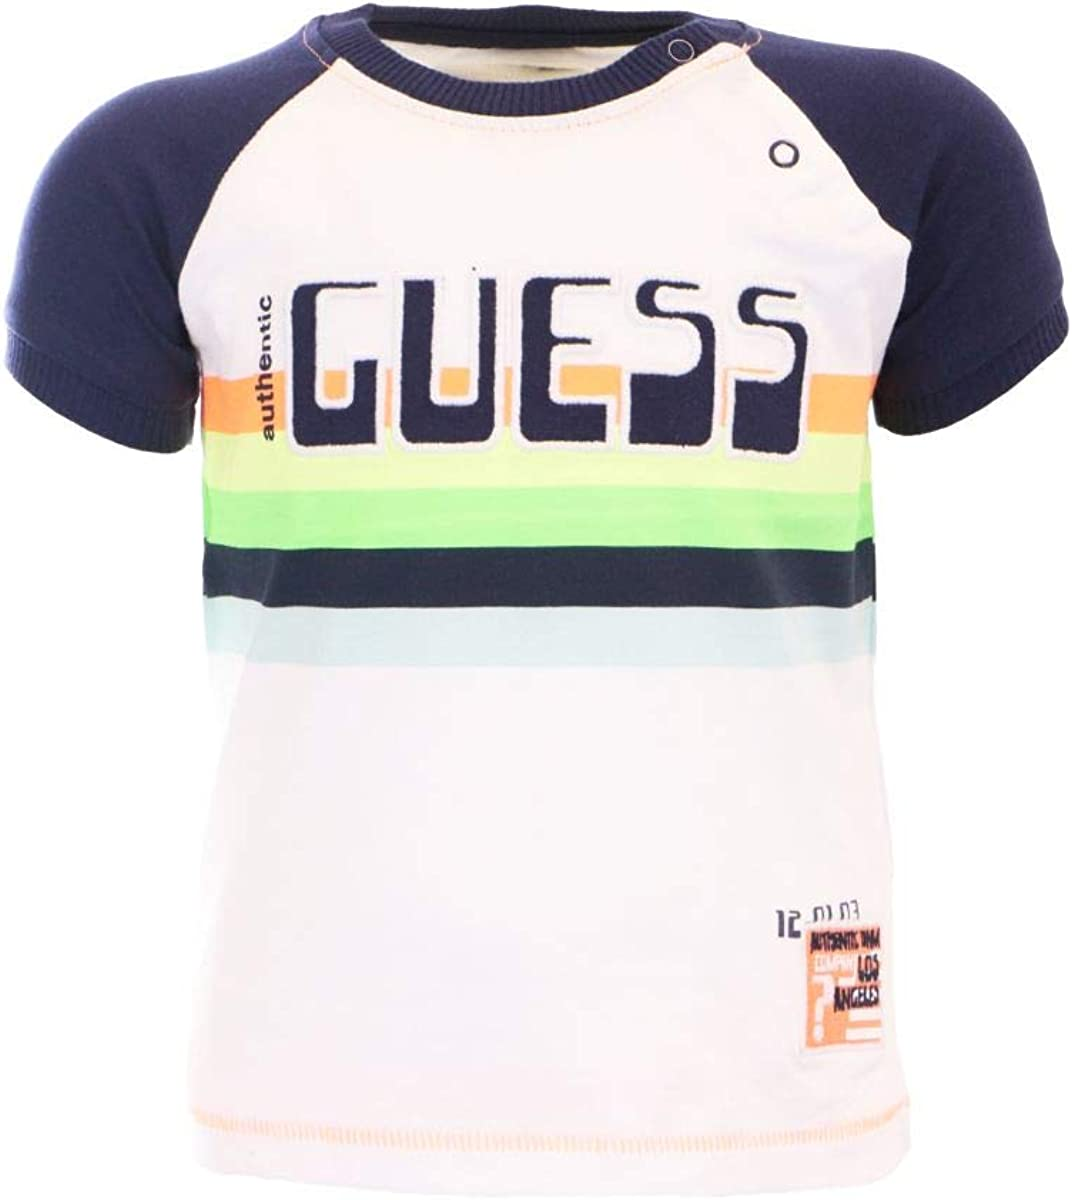 GUESS? Camiseta de algodón para niño blanco 60 cm (3-6 meses): Amazon.es: Ropa y accesorios